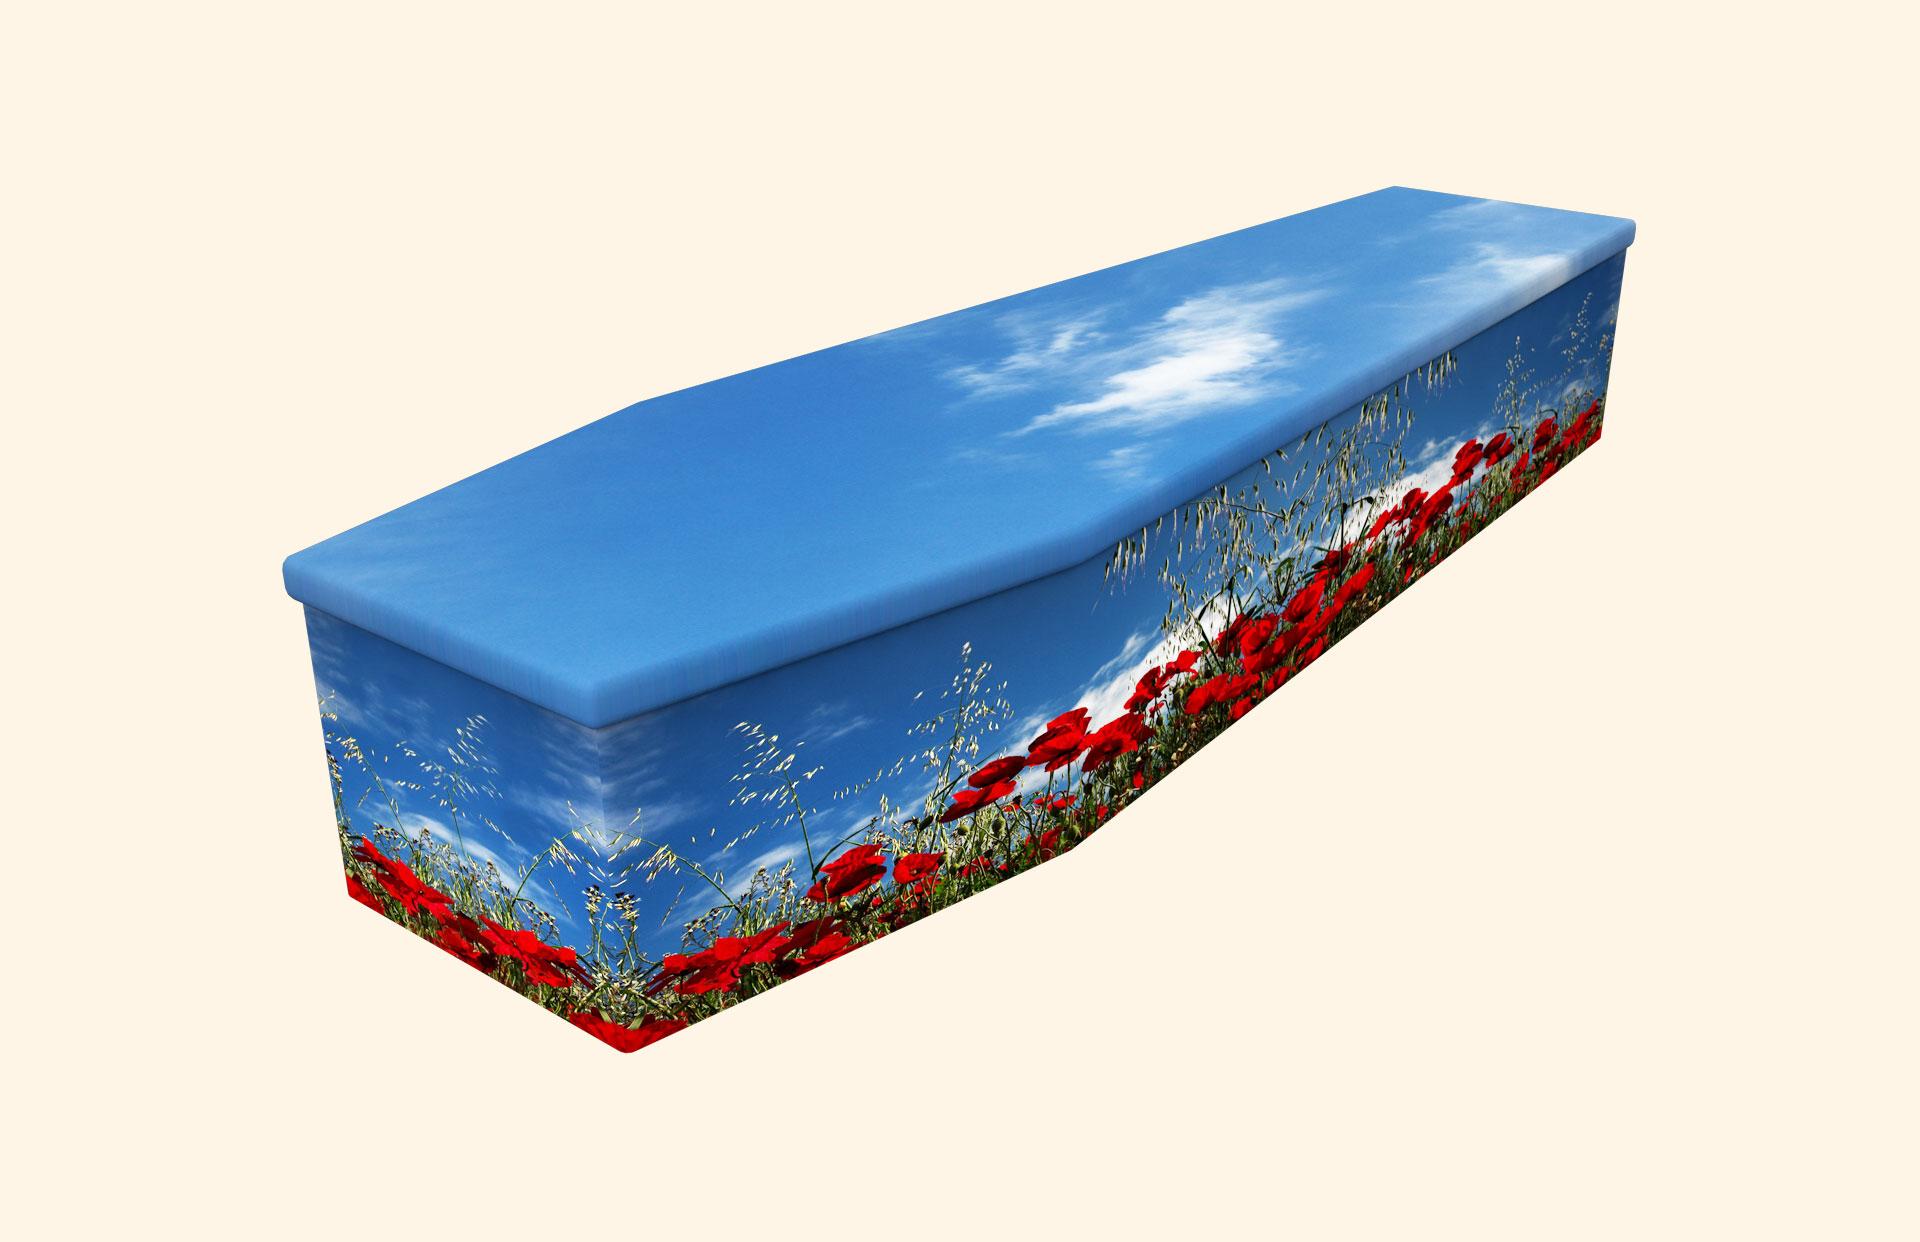 Poppy Wonder Cardboard coffin